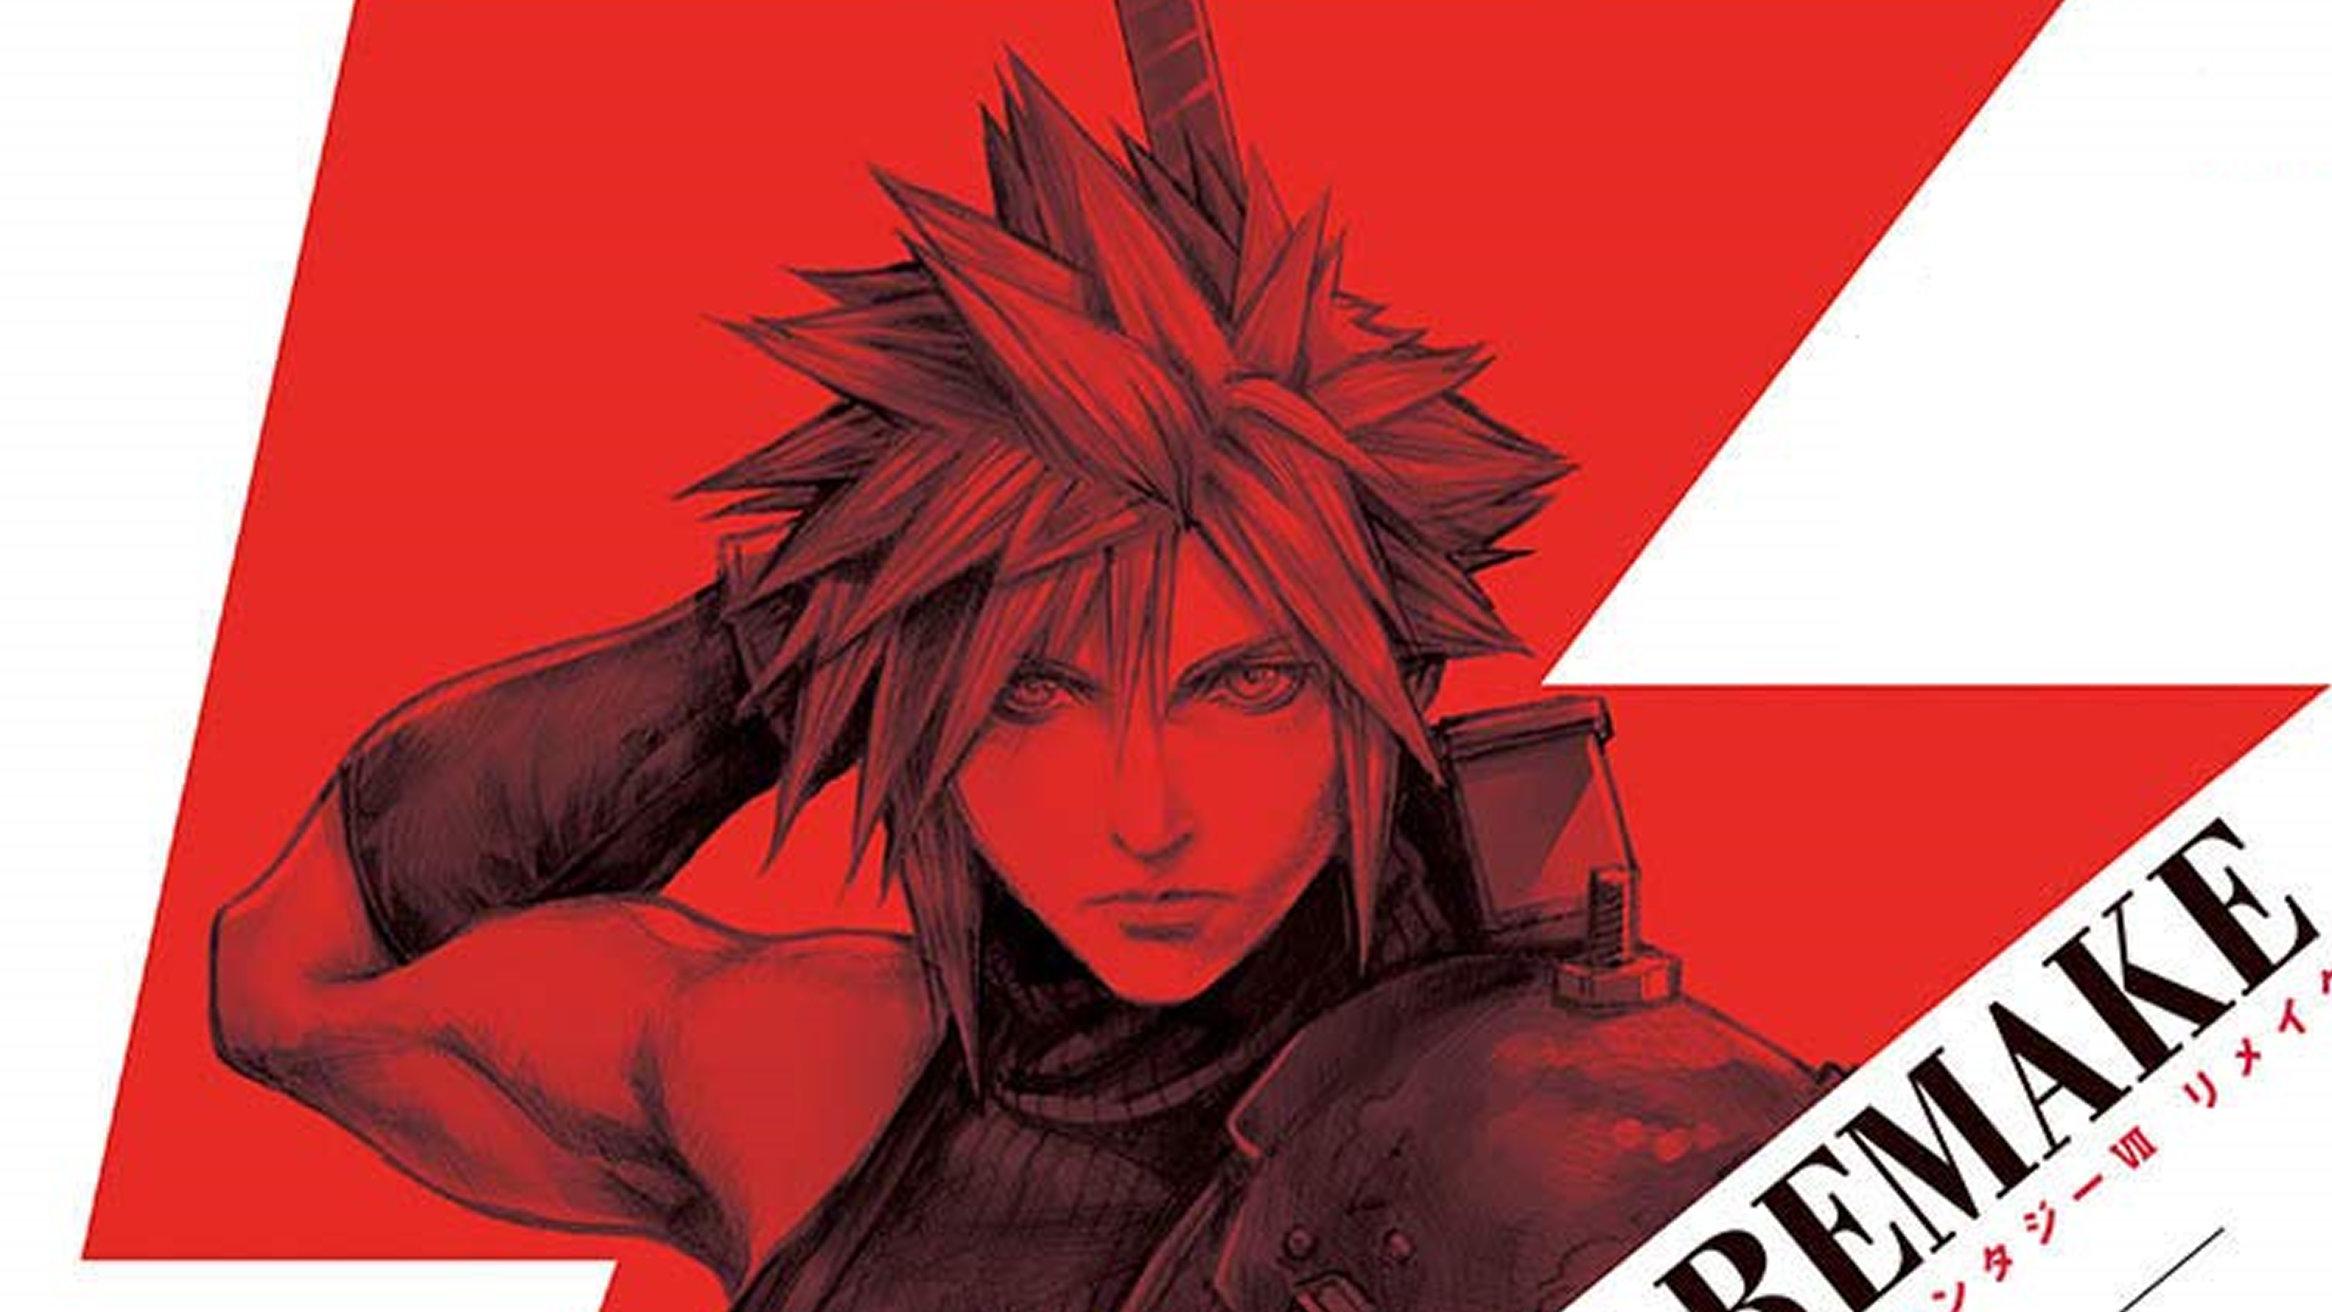 ファイナルファンタジー7 リメイク、野村氏の描き下ろし赤いクラウド